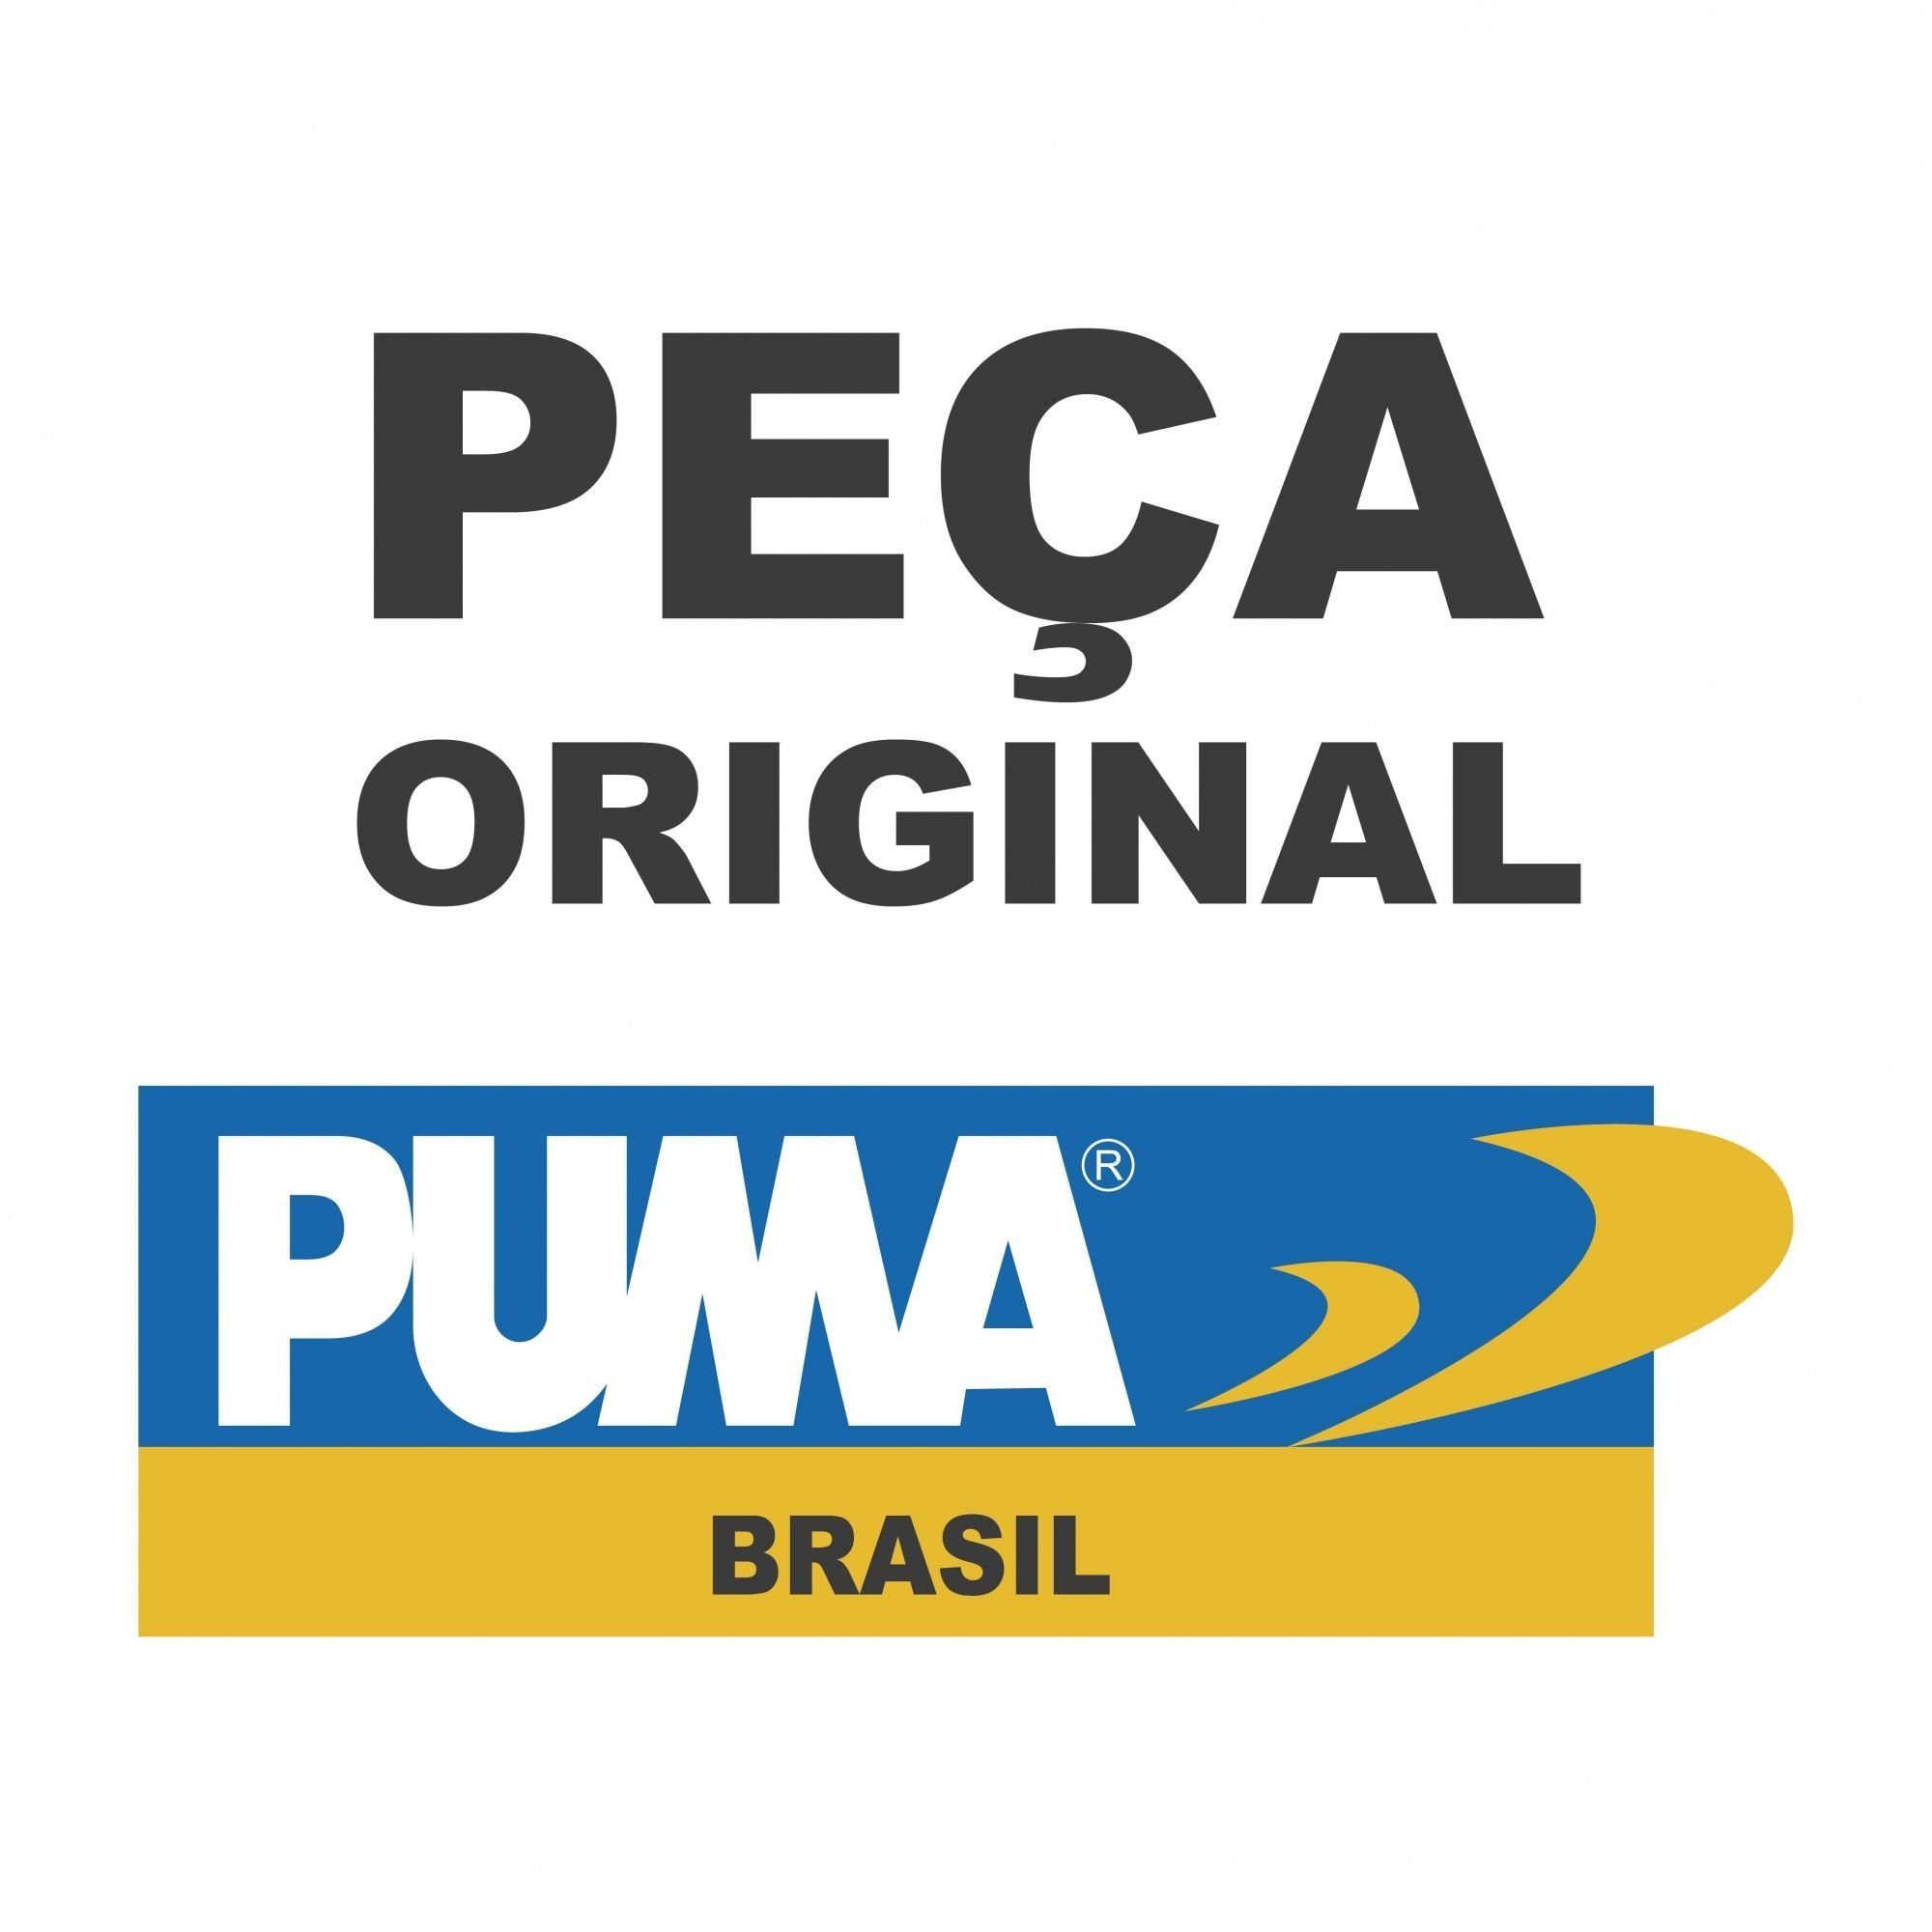 O'RING - PEÇA PNEUMÁTICA PUMA - S1001G-21-5